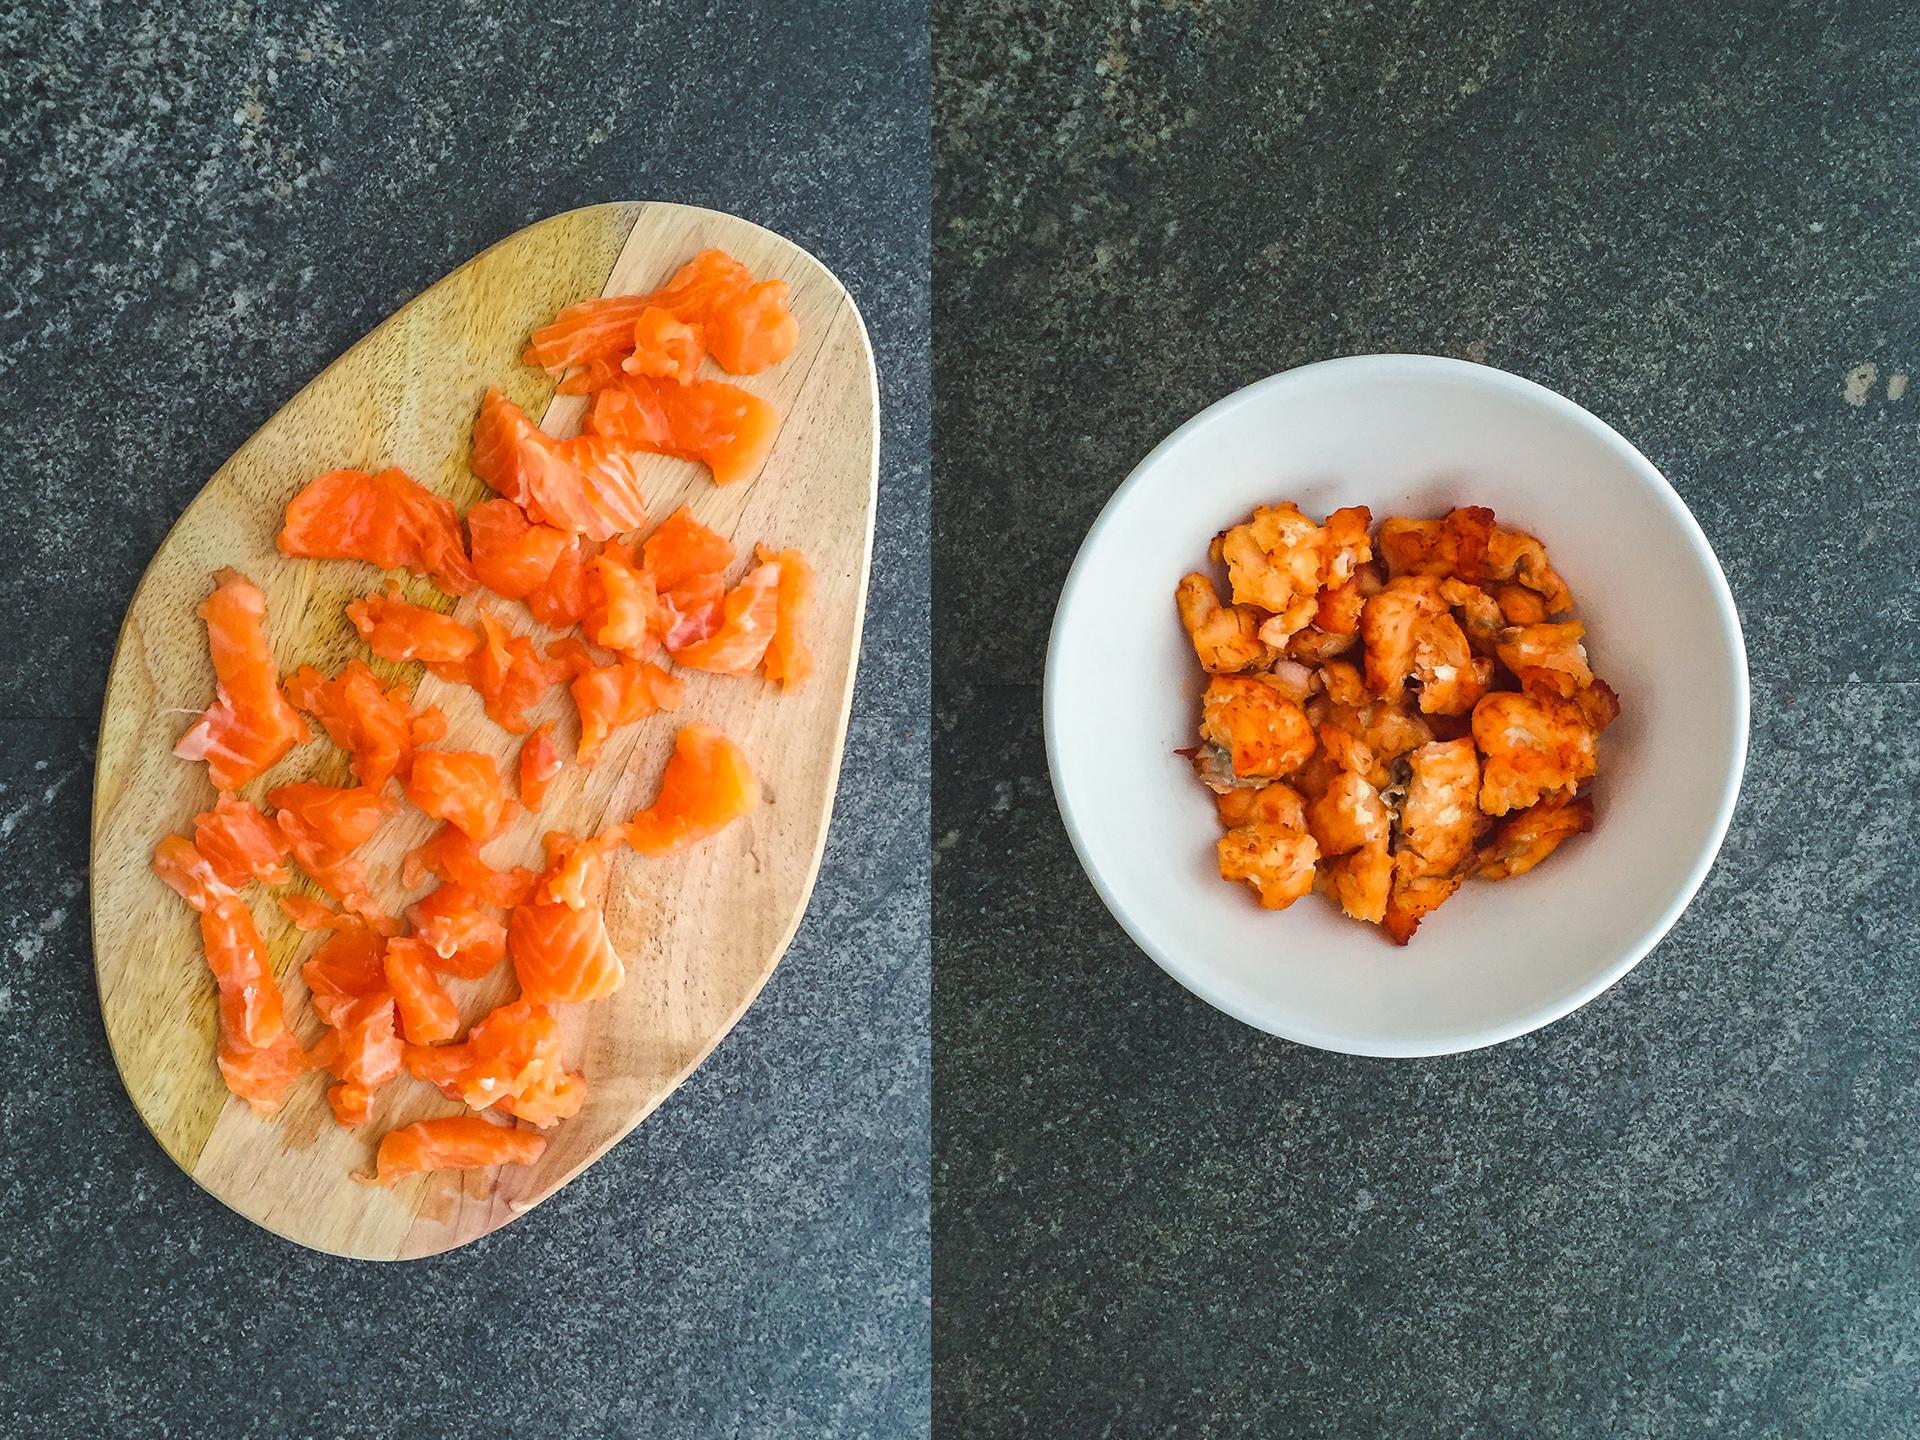 Step 1.1 of No Cream Carbonara with Crispy Salmon